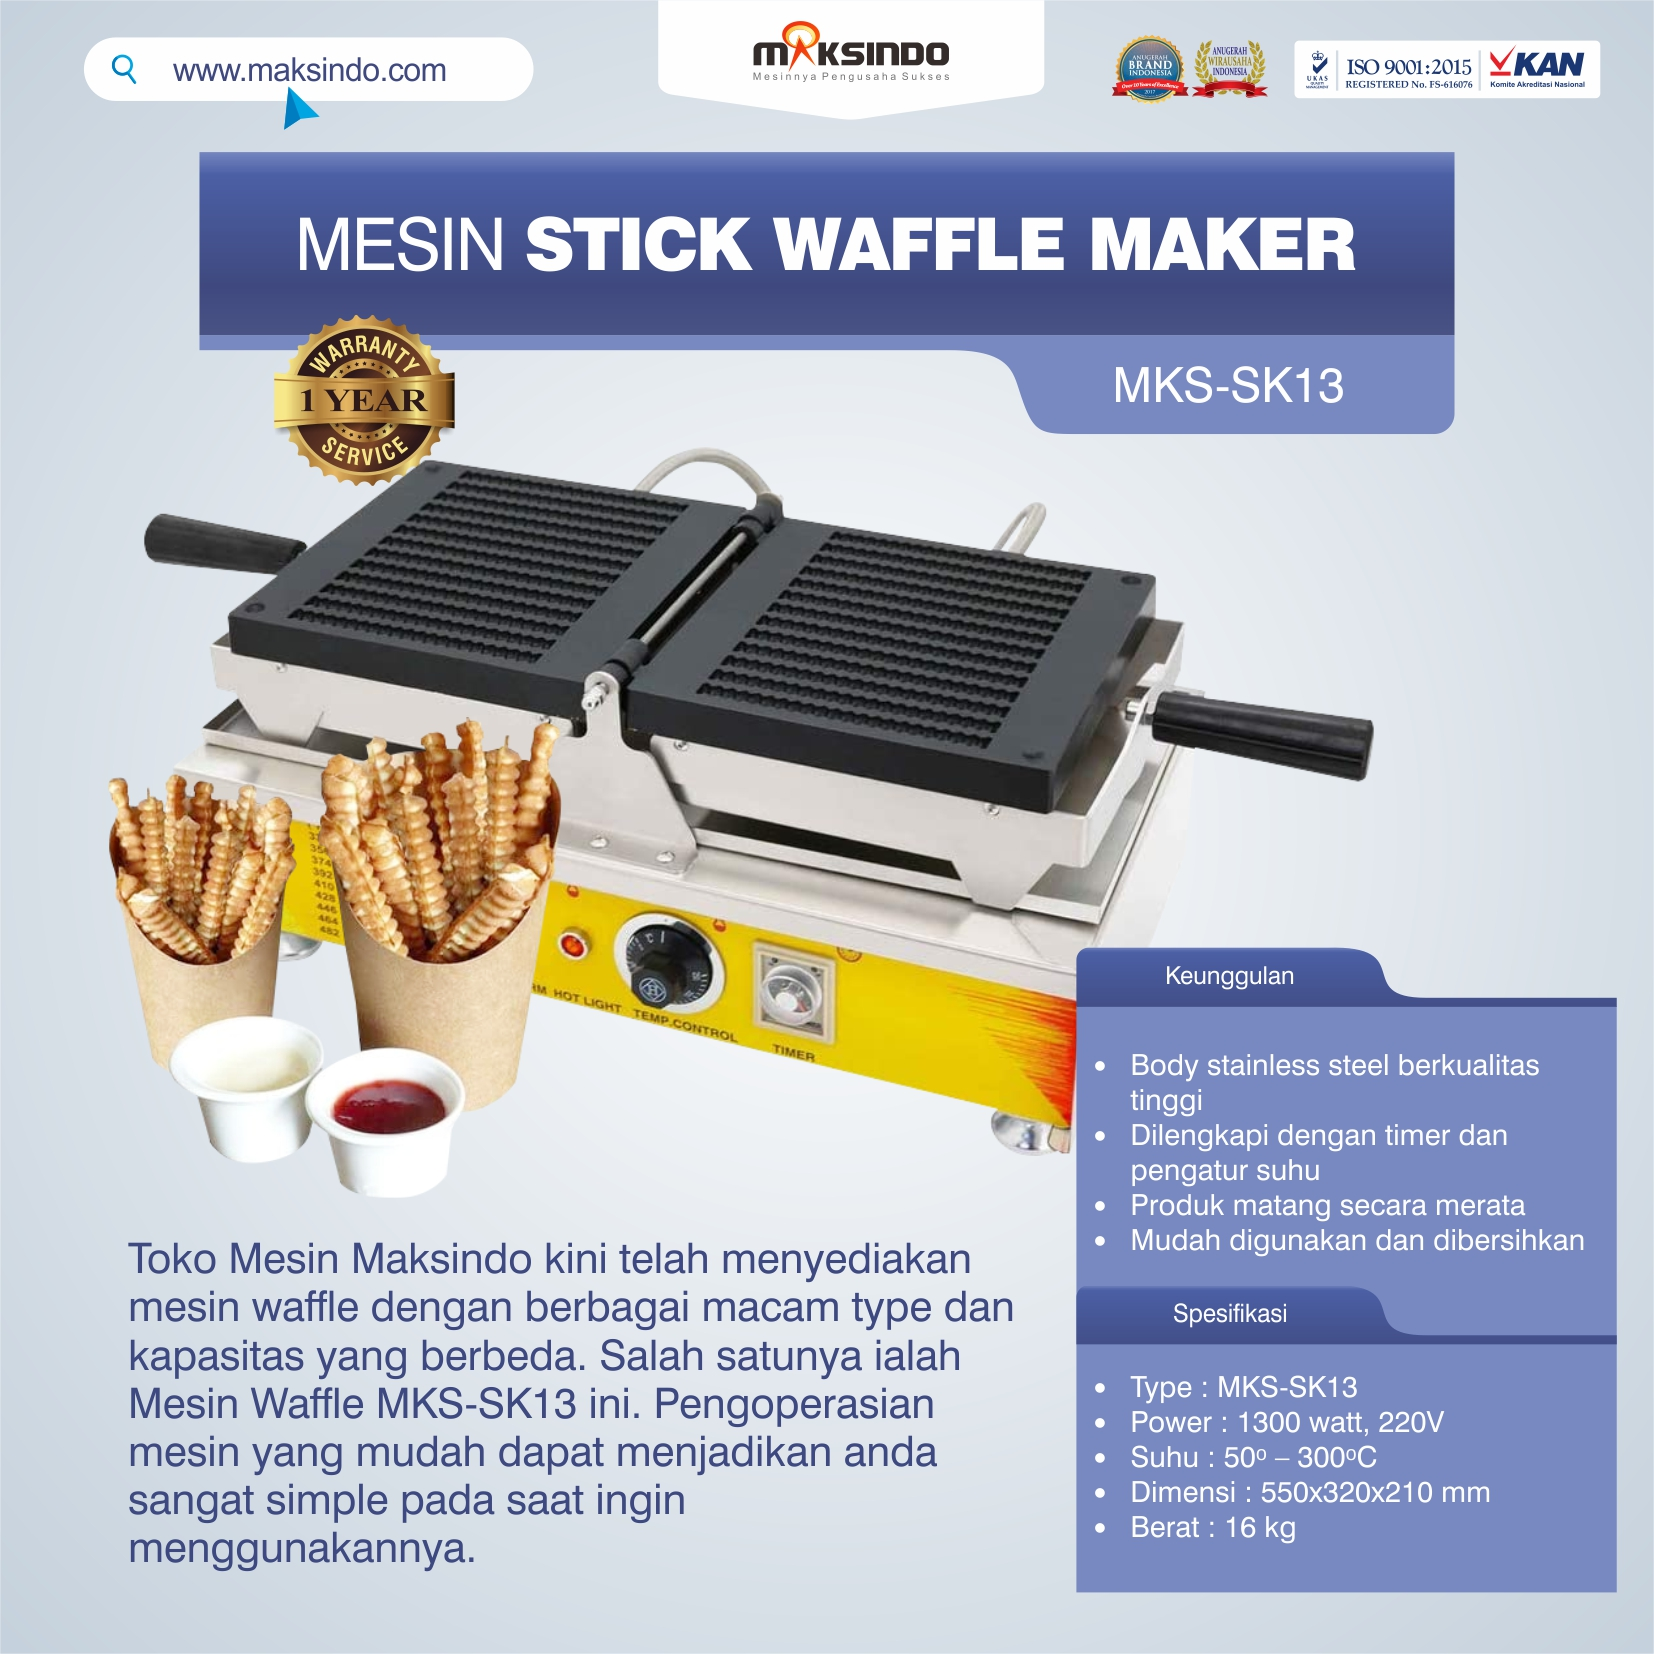 Jual Mesin Stick Waffle Maker MKS-SK13 Di Solo